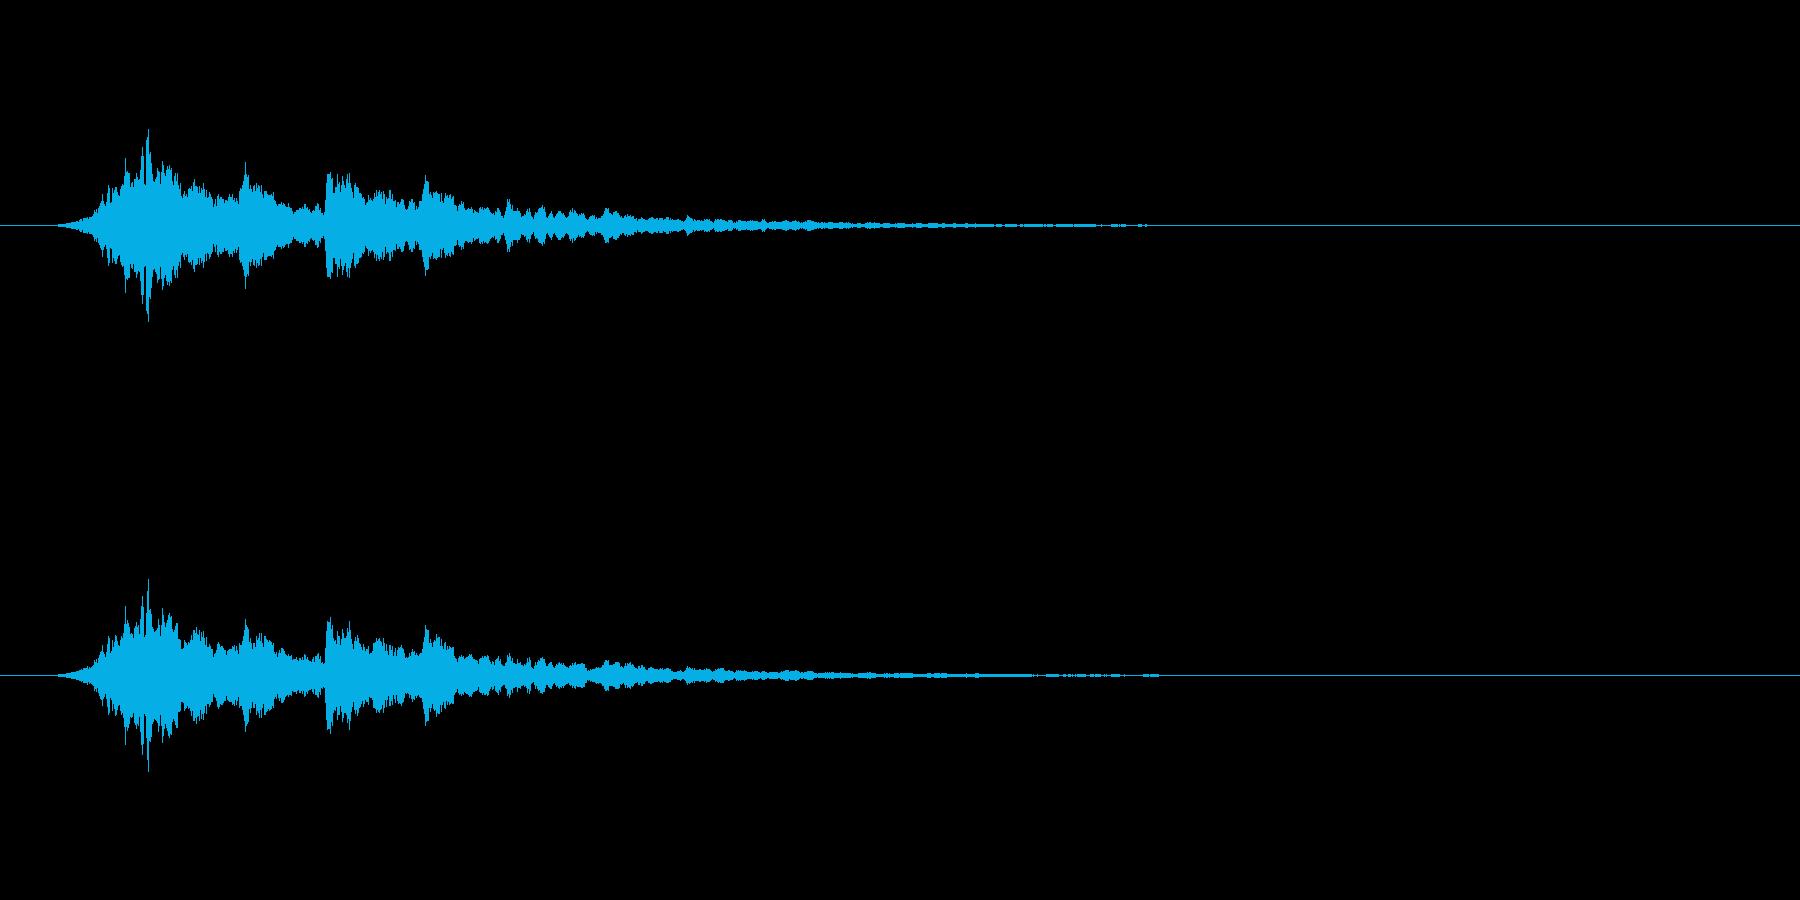 【アクセント12-6】の再生済みの波形